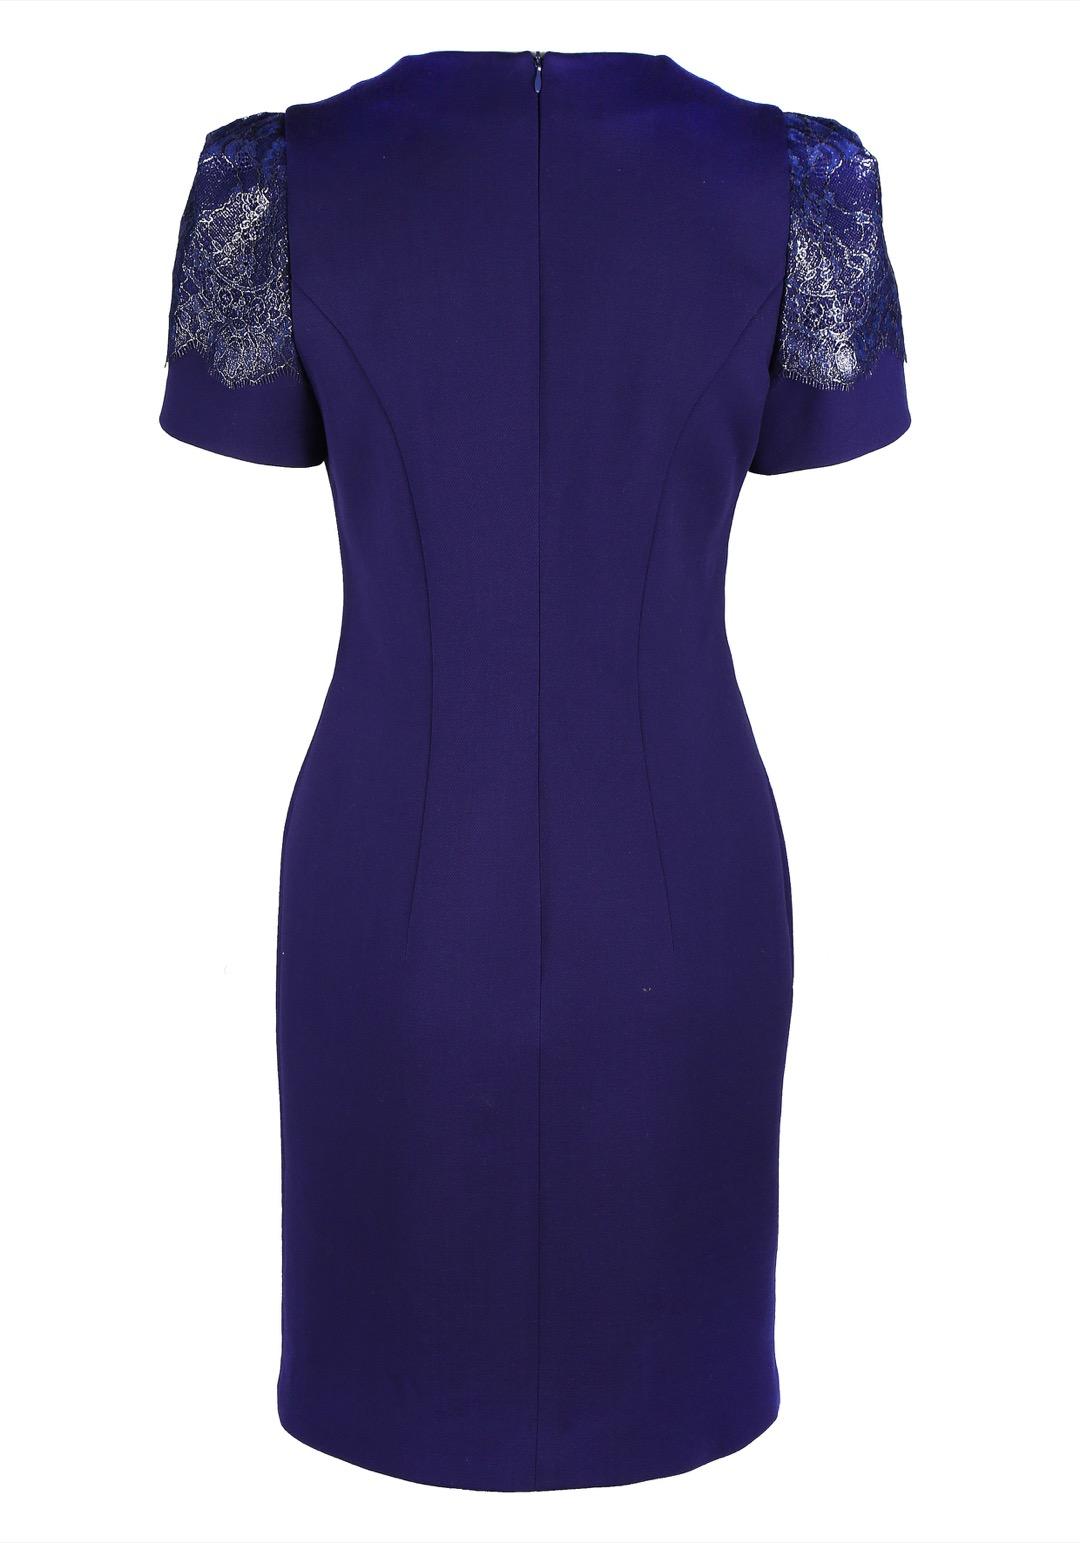 Темно-синее прямое мини-платье с декоративным кружевом на рукавах